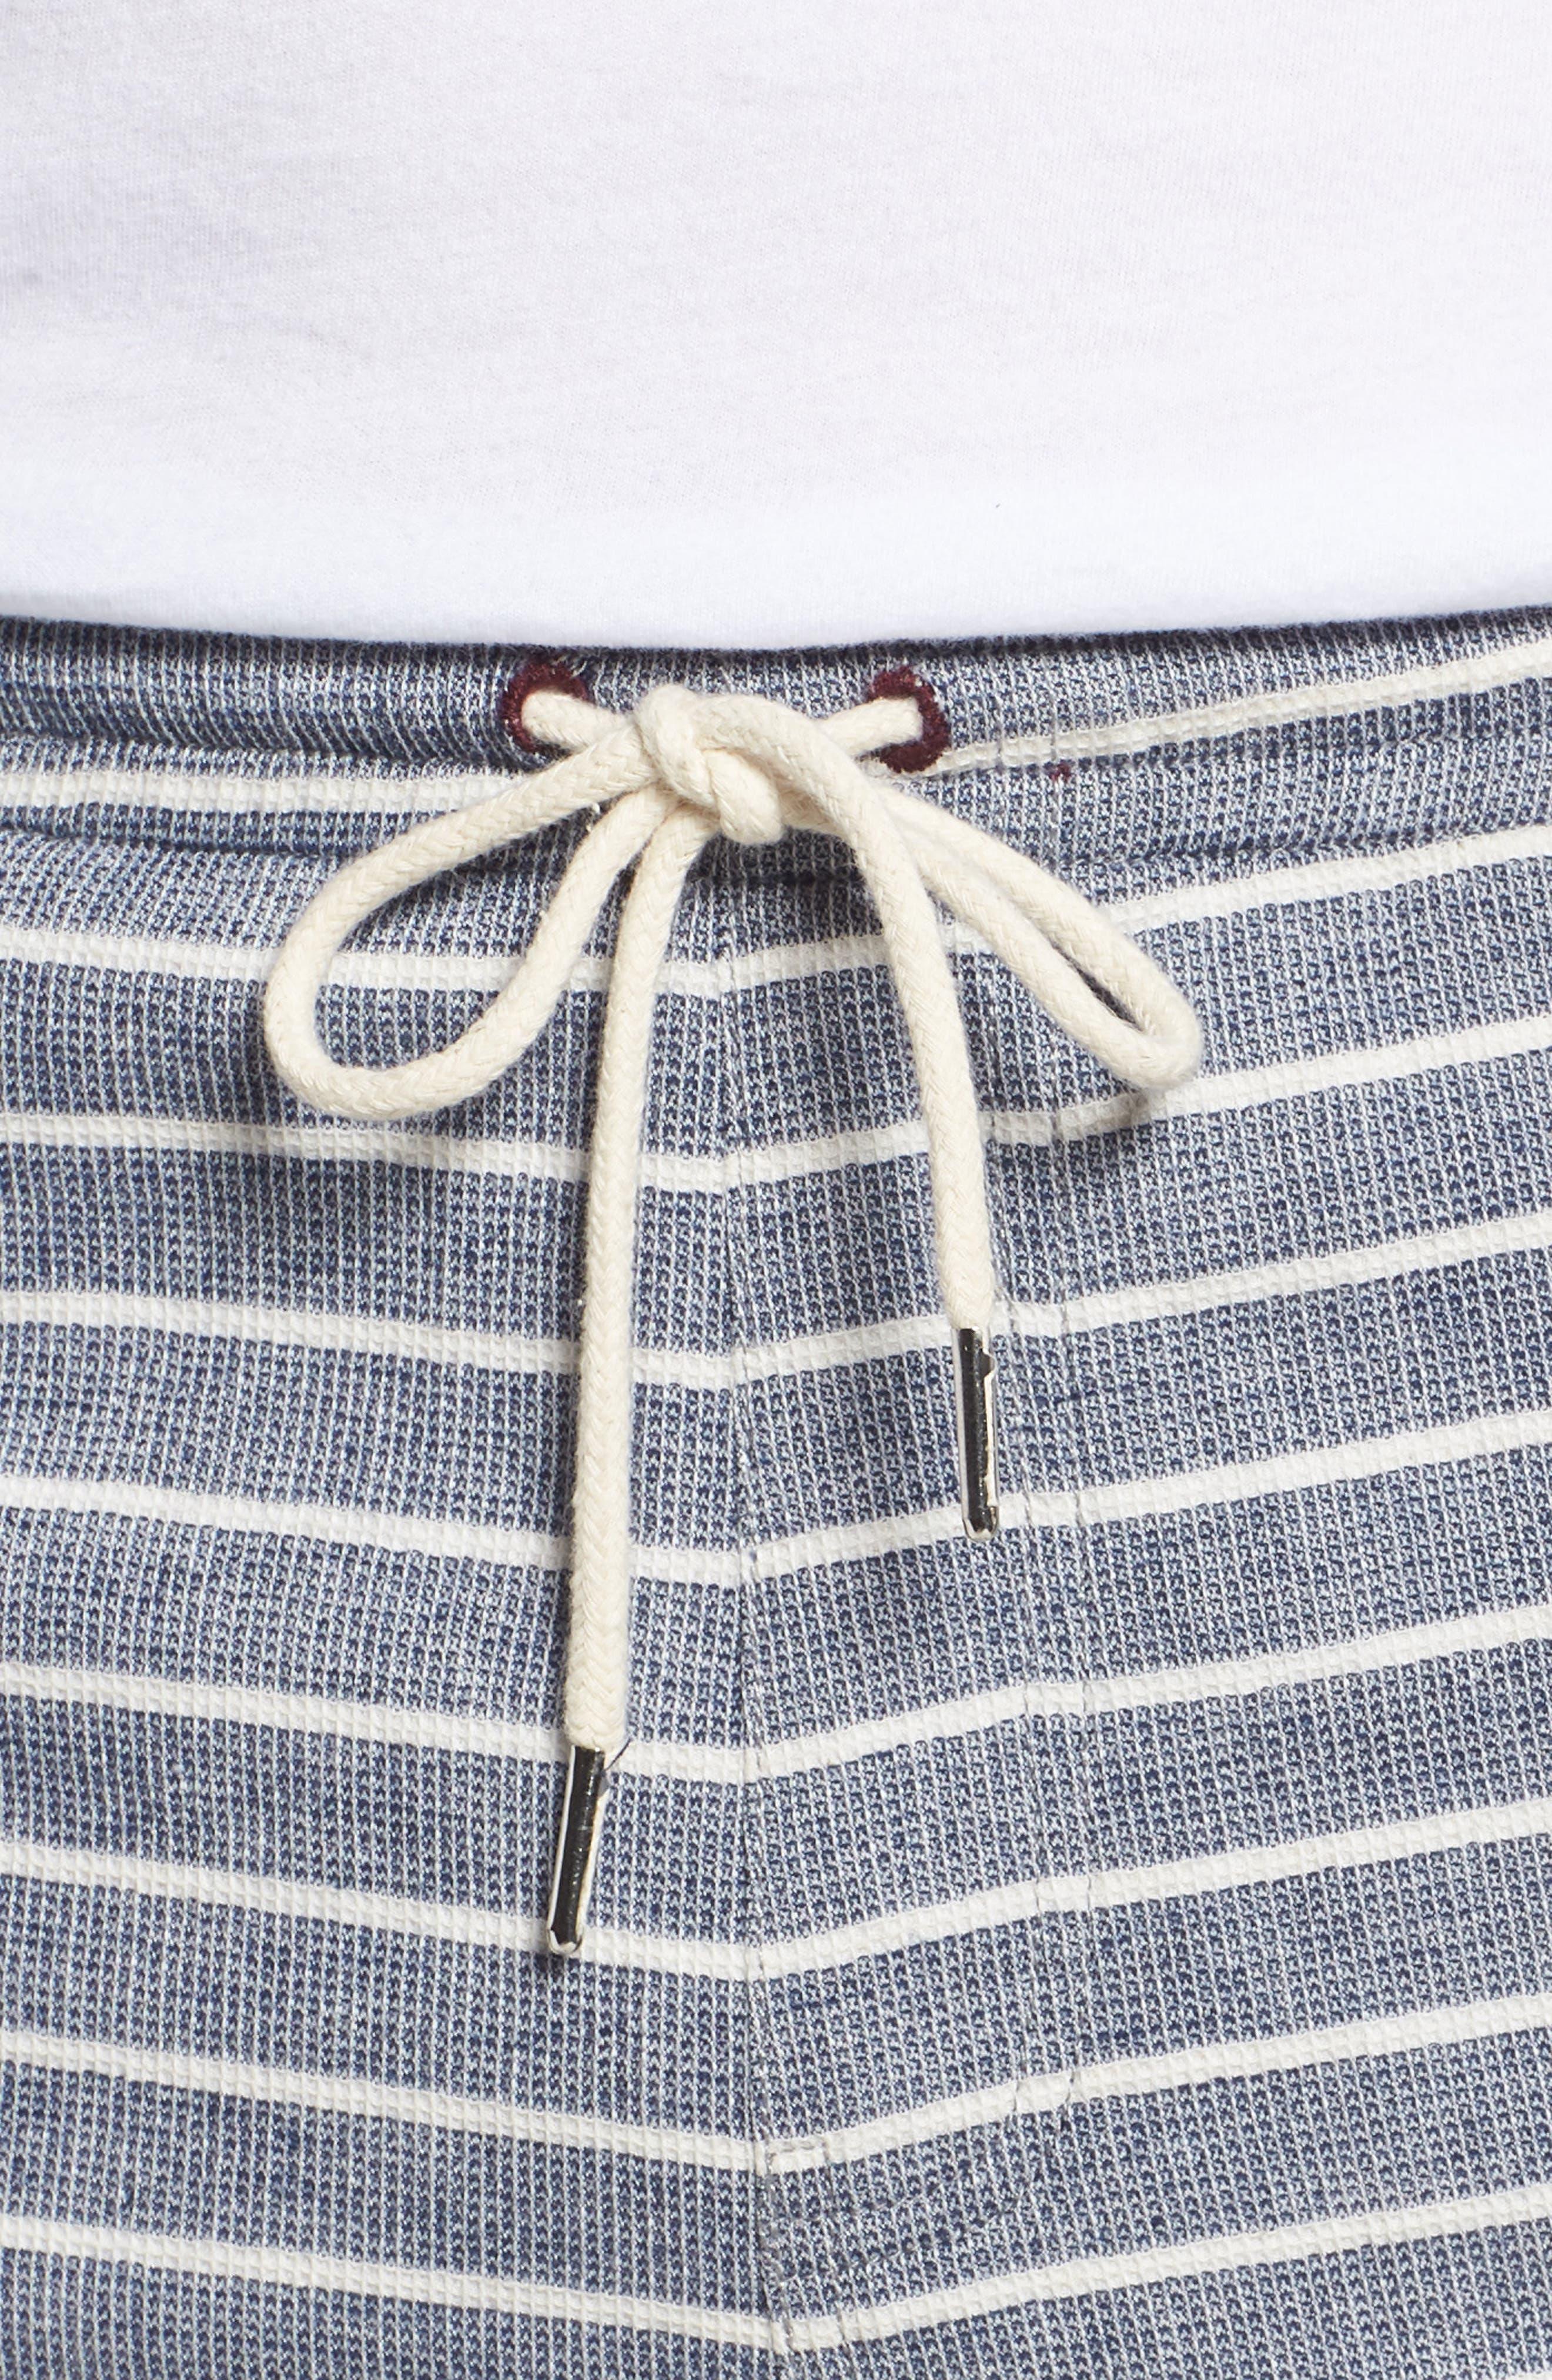 Steve Stripe Pull-On Shorts,                             Alternate thumbnail 4, color,                             Blue / White